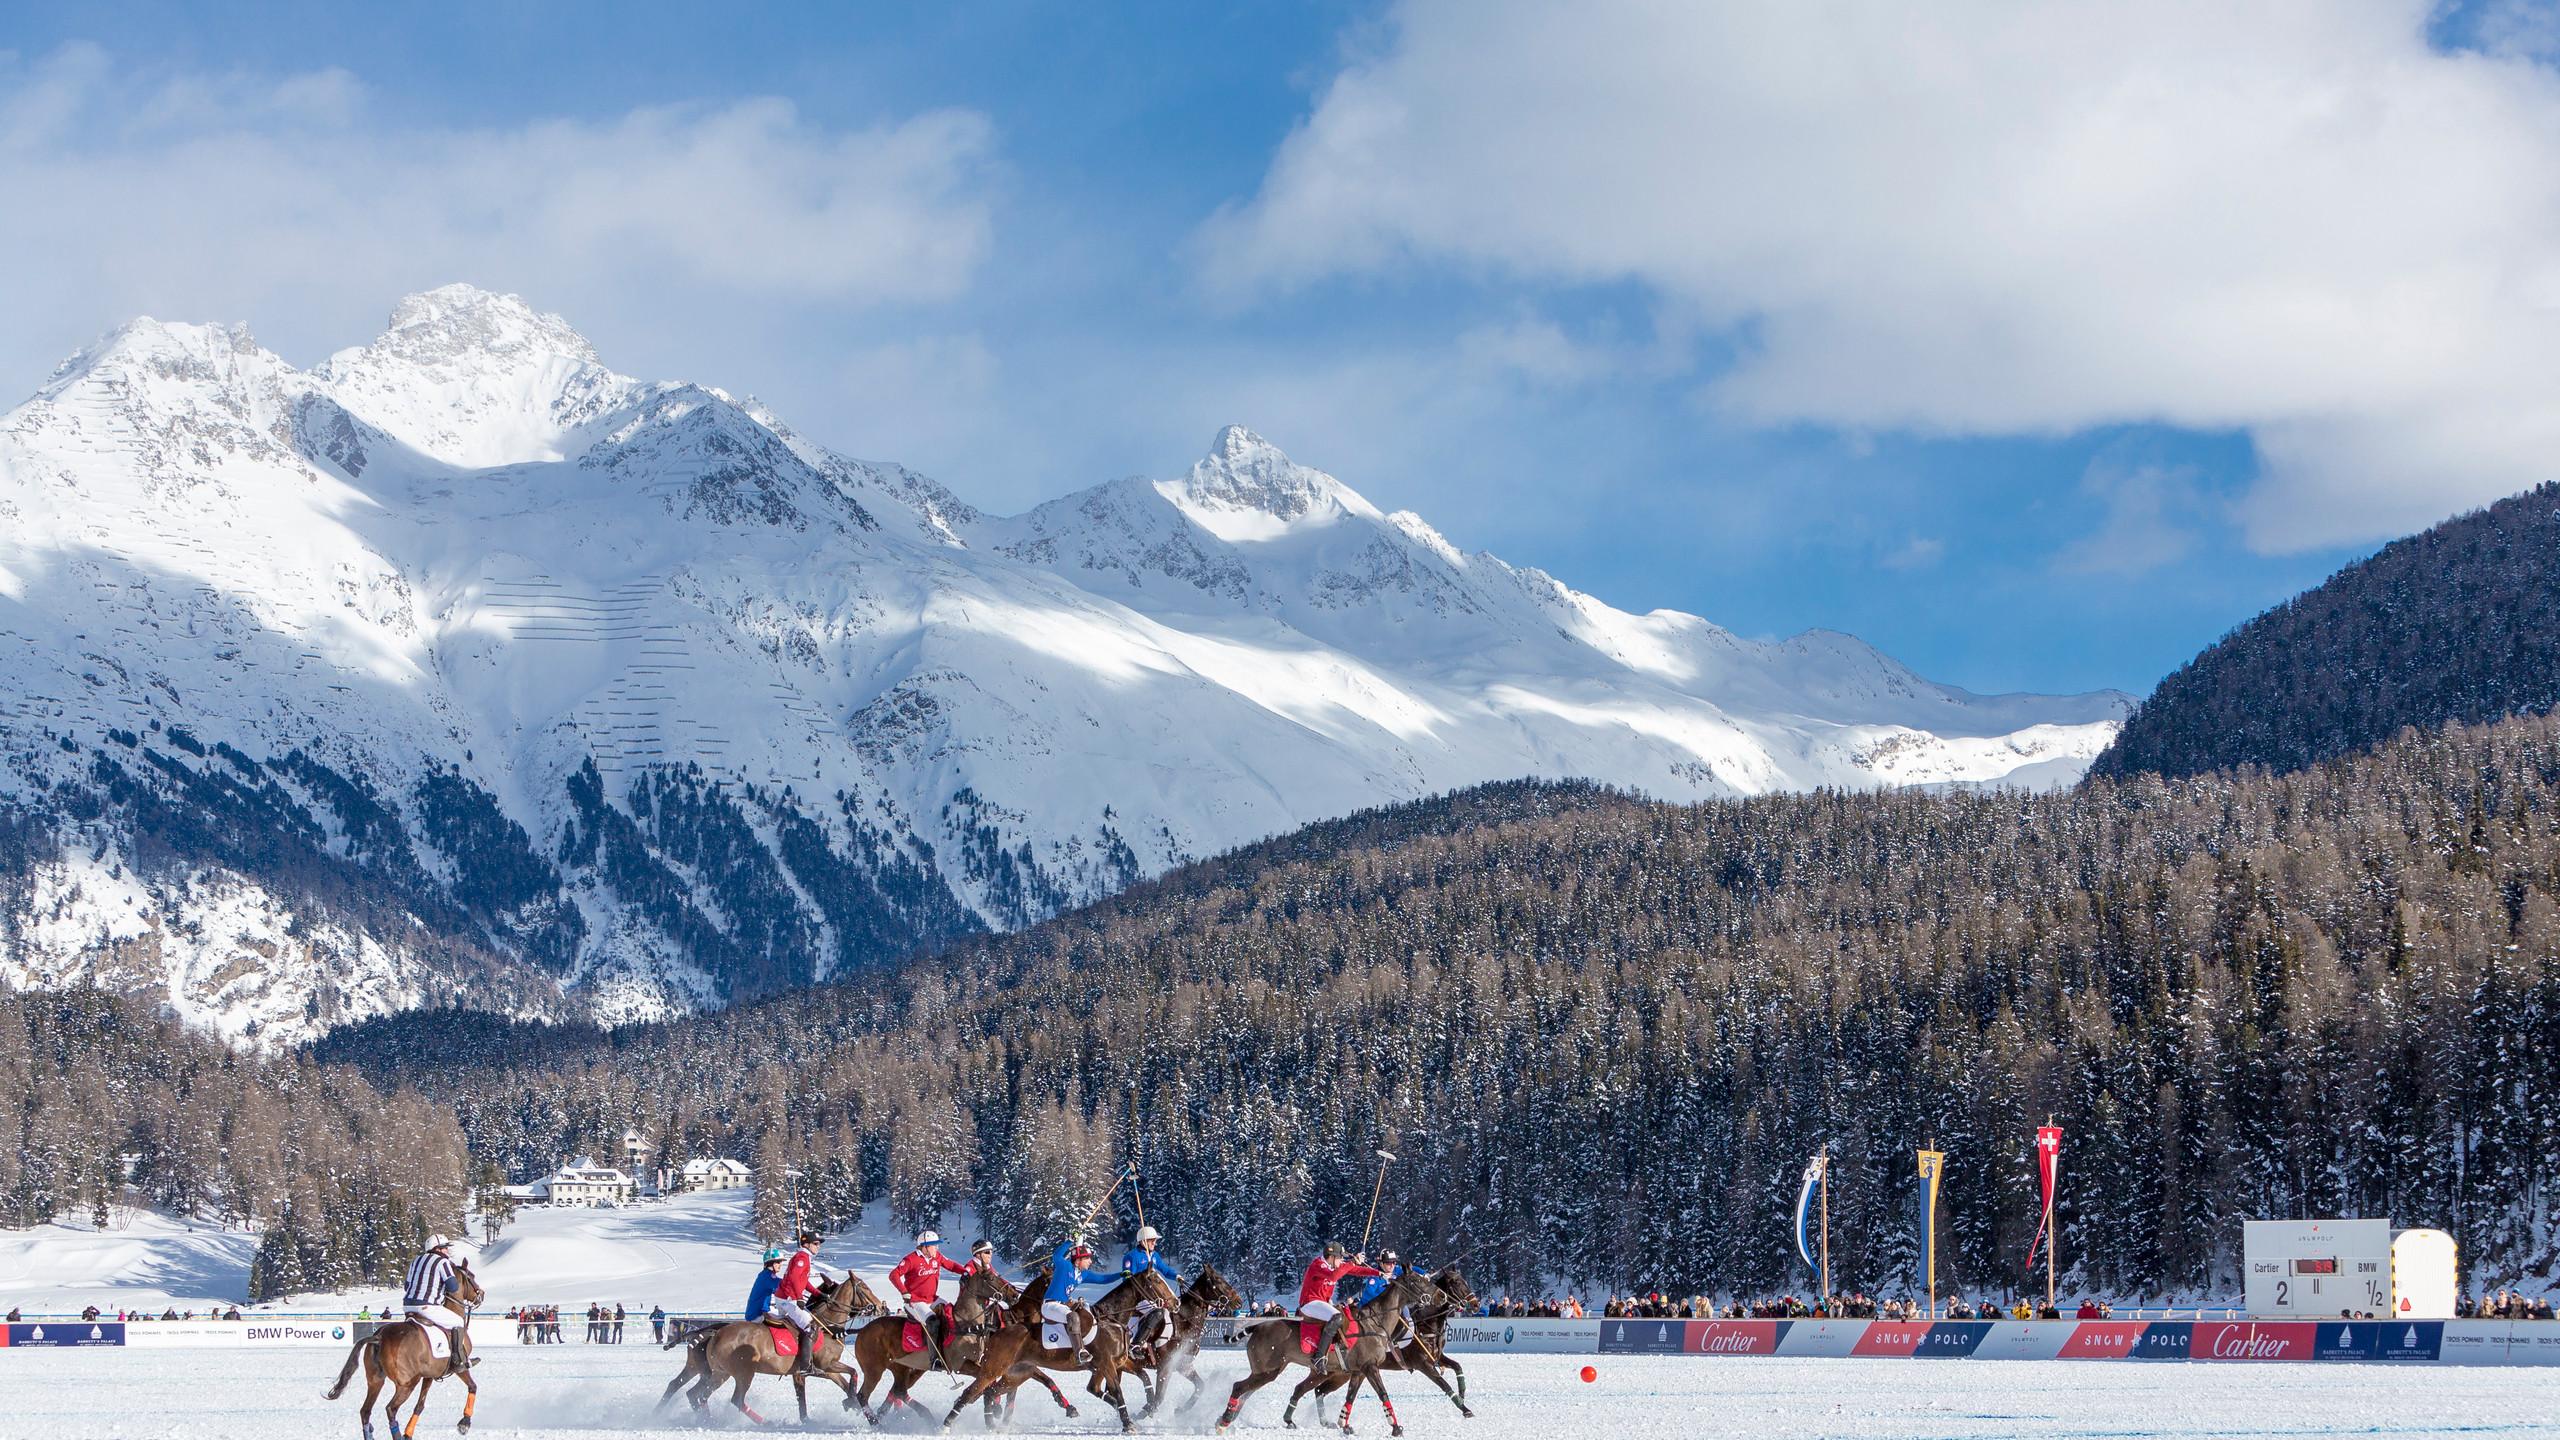 St. Moritz Snow Polo